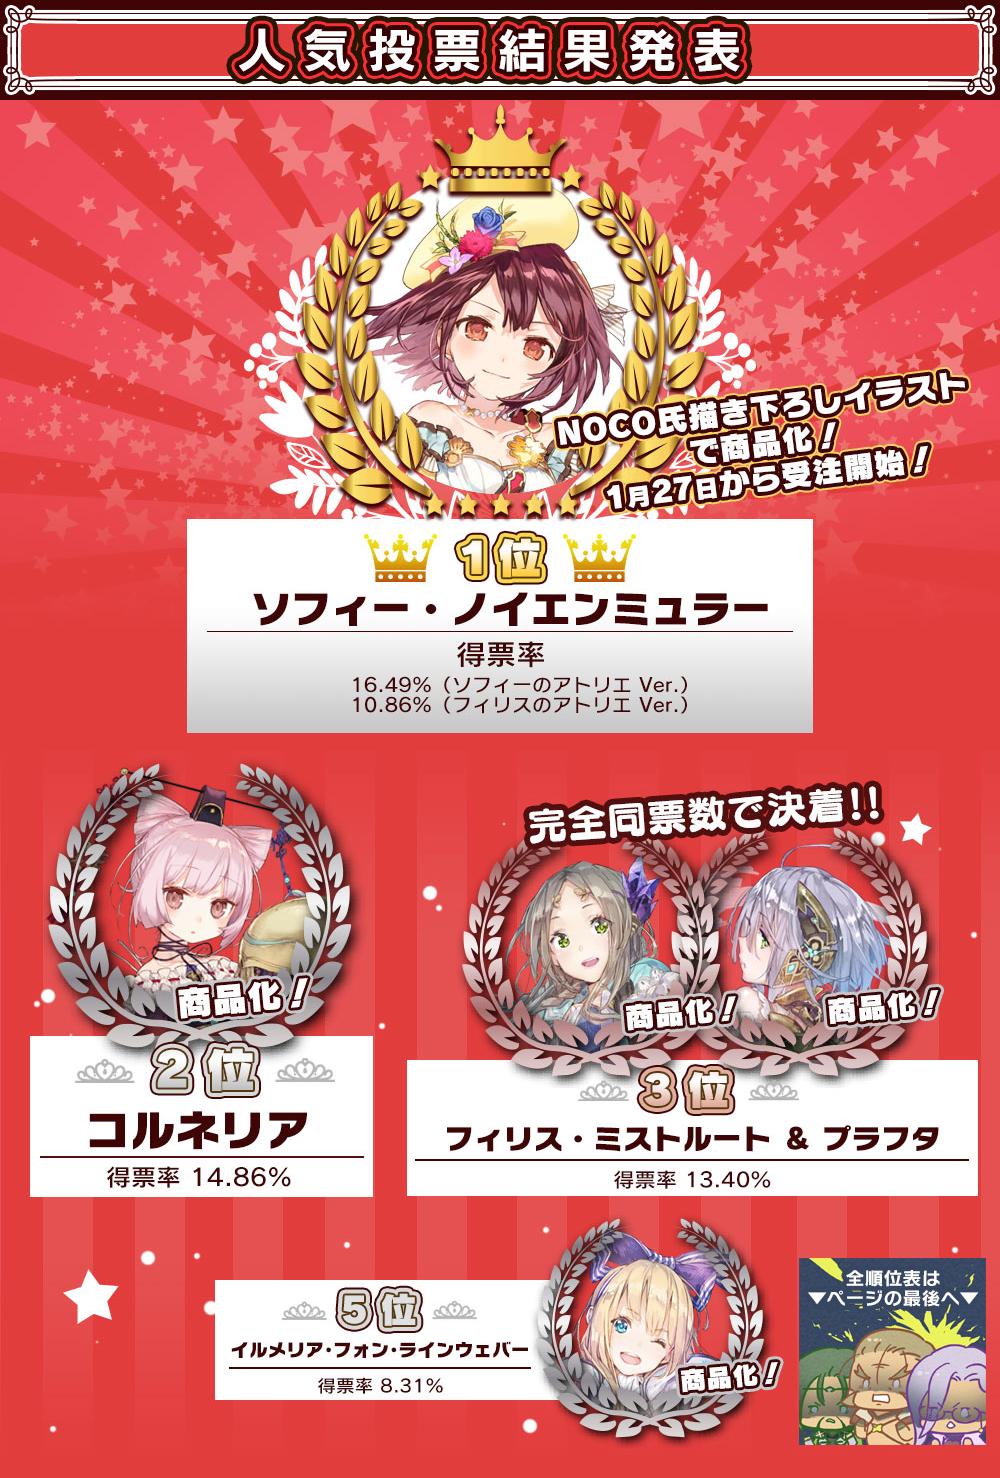 不思議シリーズ キャラクター人気投票